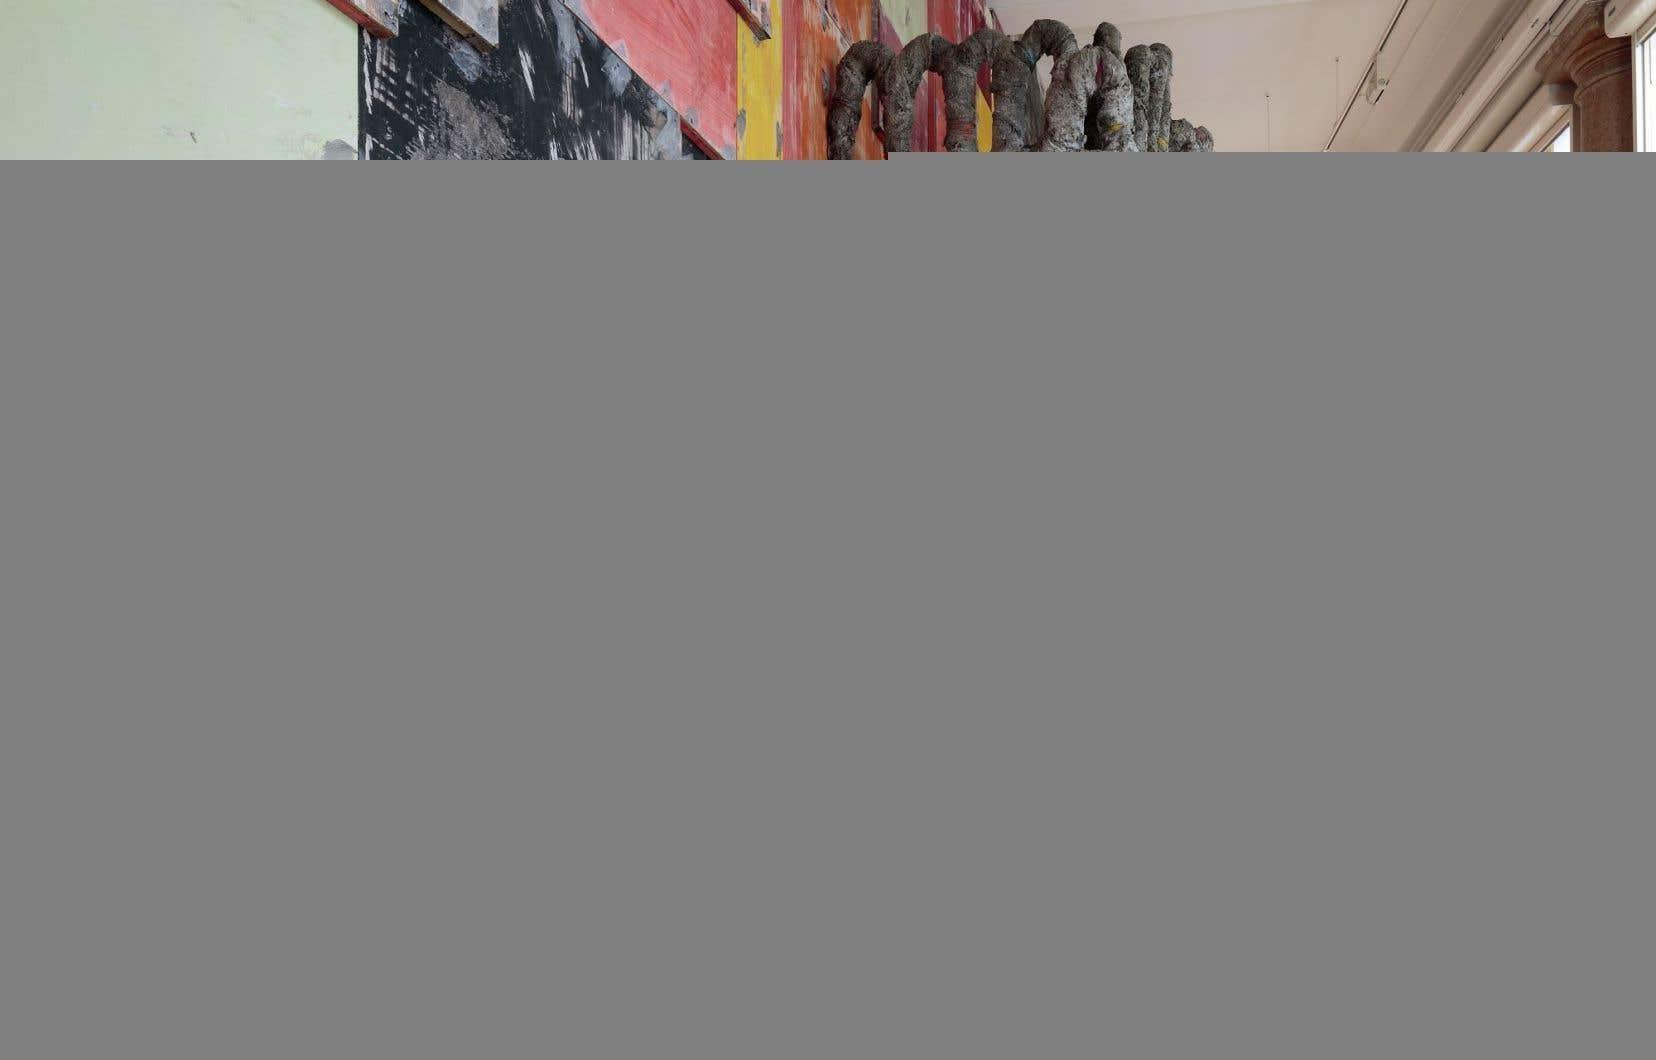 Une vue de l'installation de Phyllida Barlow au pavillon britannique